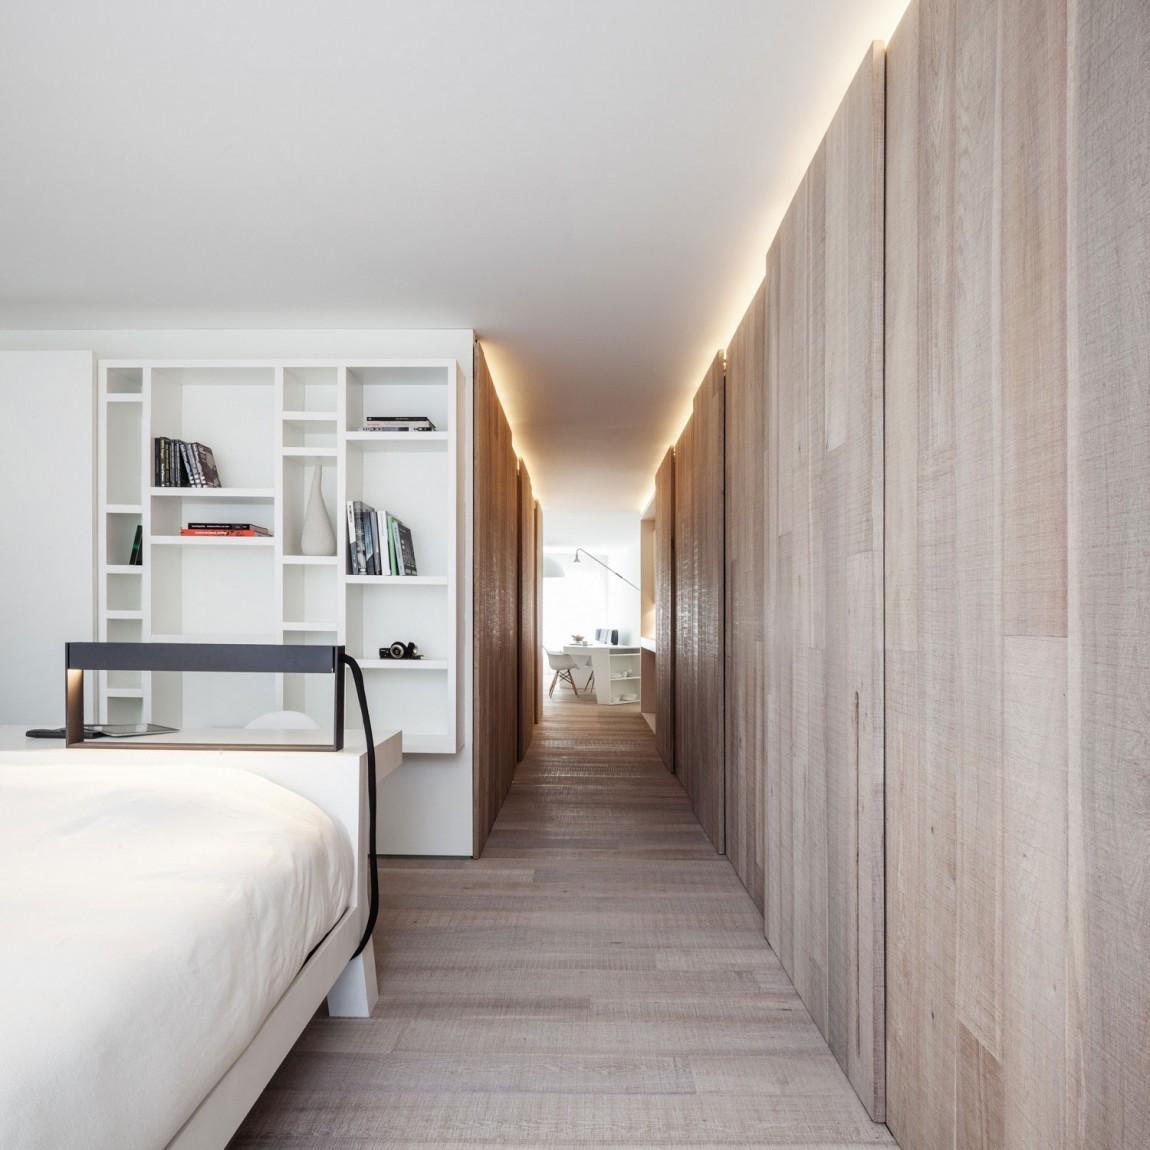 简约北欧风公寓装修书架设计图